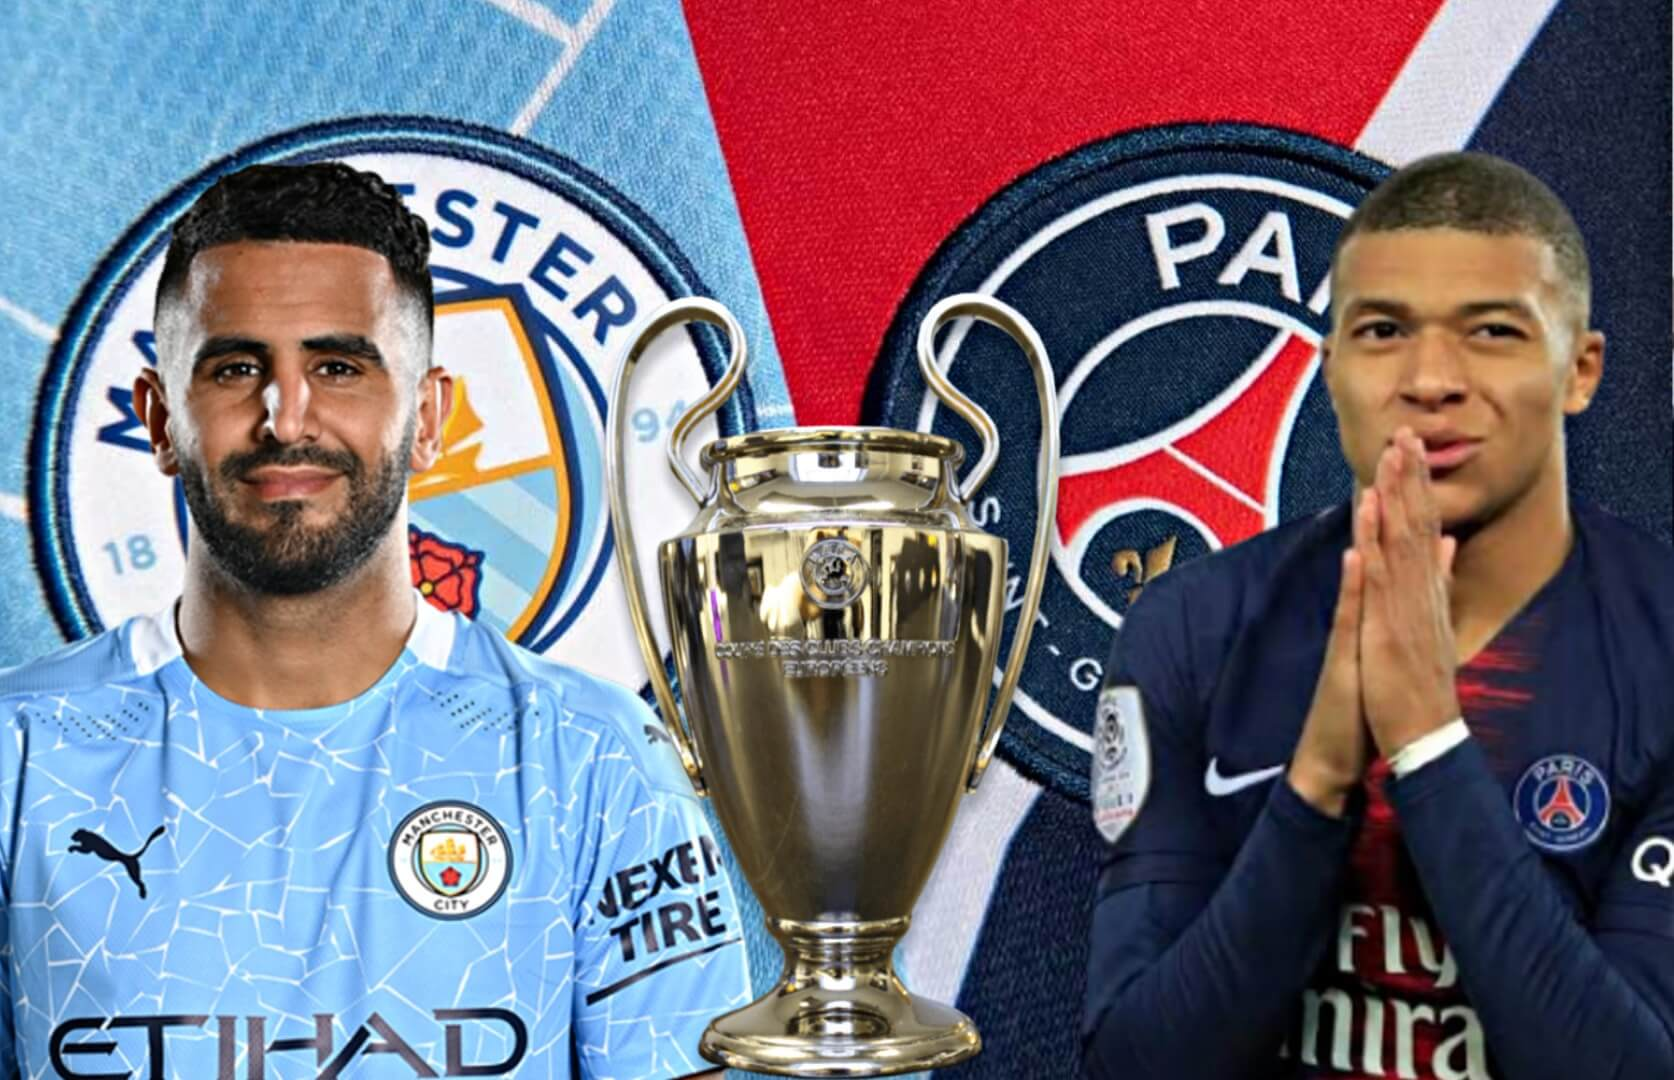 بث مباشر مبارة باريس سان جيرمان ومانشستر سيتي,Manchester City VS Paris Saint Germain, دوري ابطال اوروبا ,بث مباشر مانشستر سيتي وباريس سان جيرمان باريس سان جيرمان ومانشسترسيتي, Paris Saint VS Manchester City